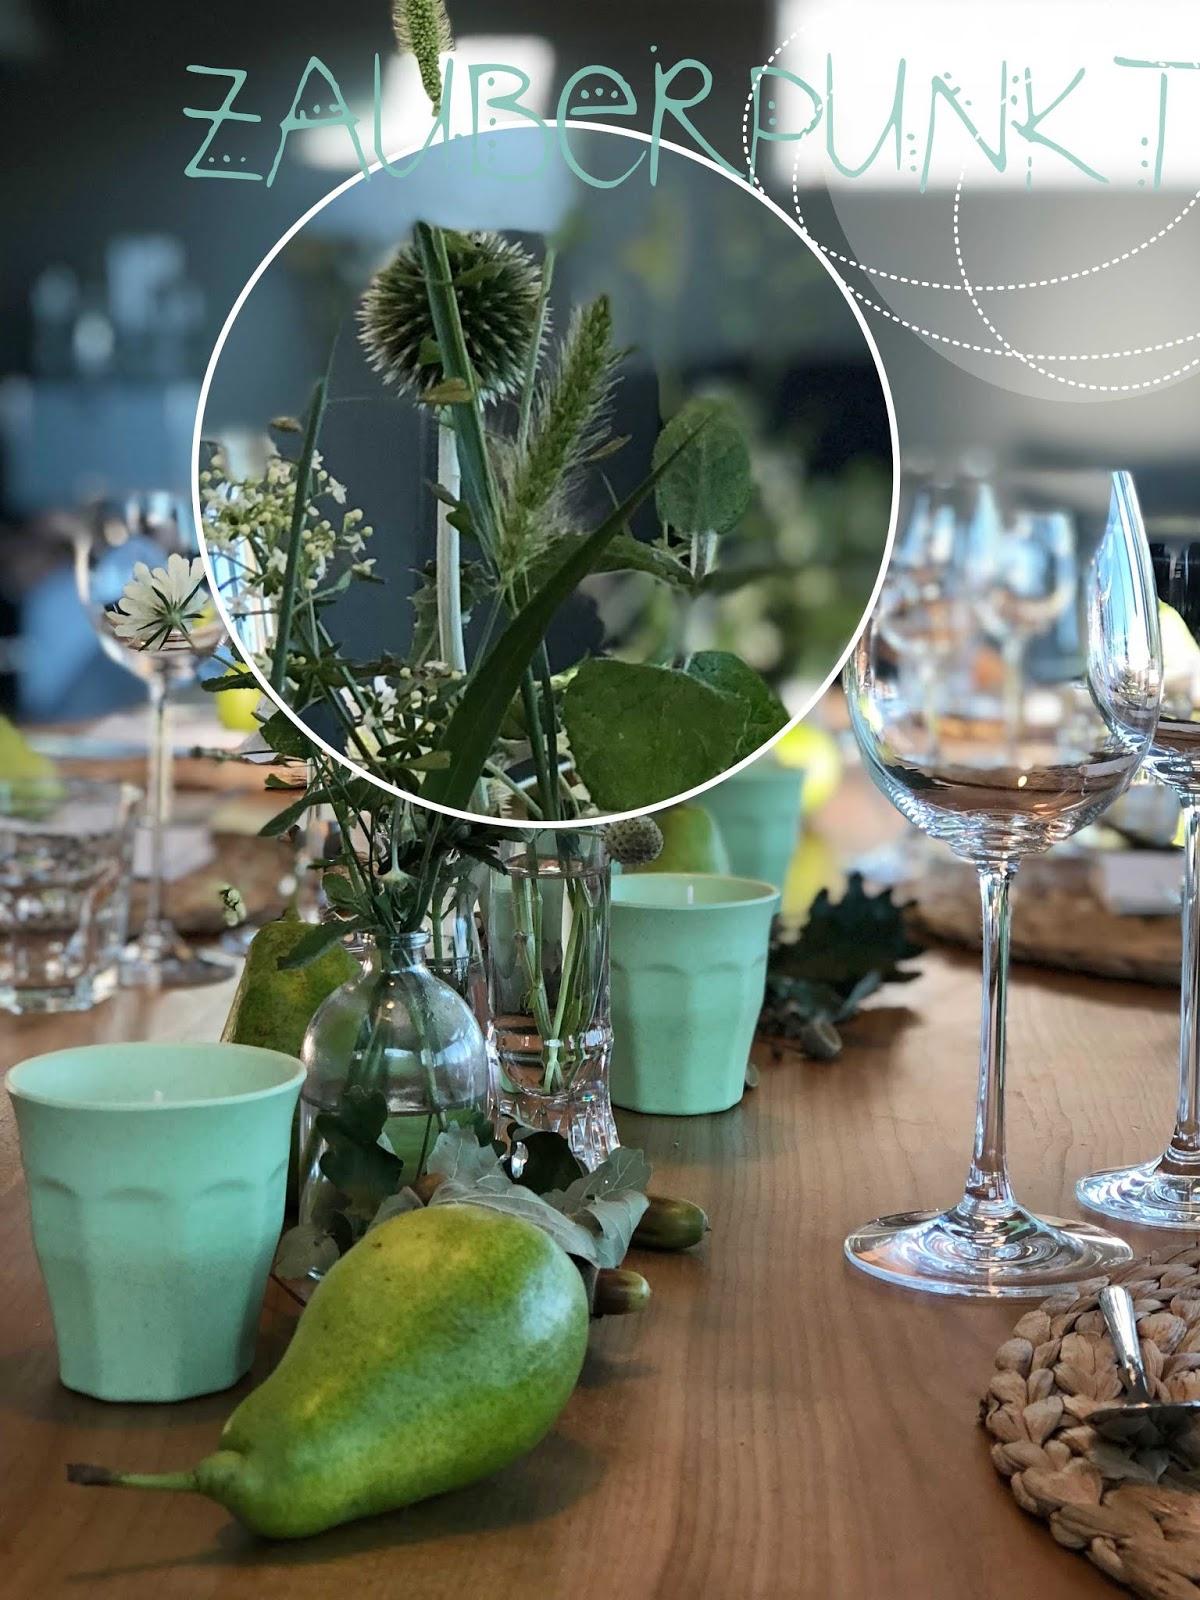 Zauberpunkt Herbstliche Tischdekoration